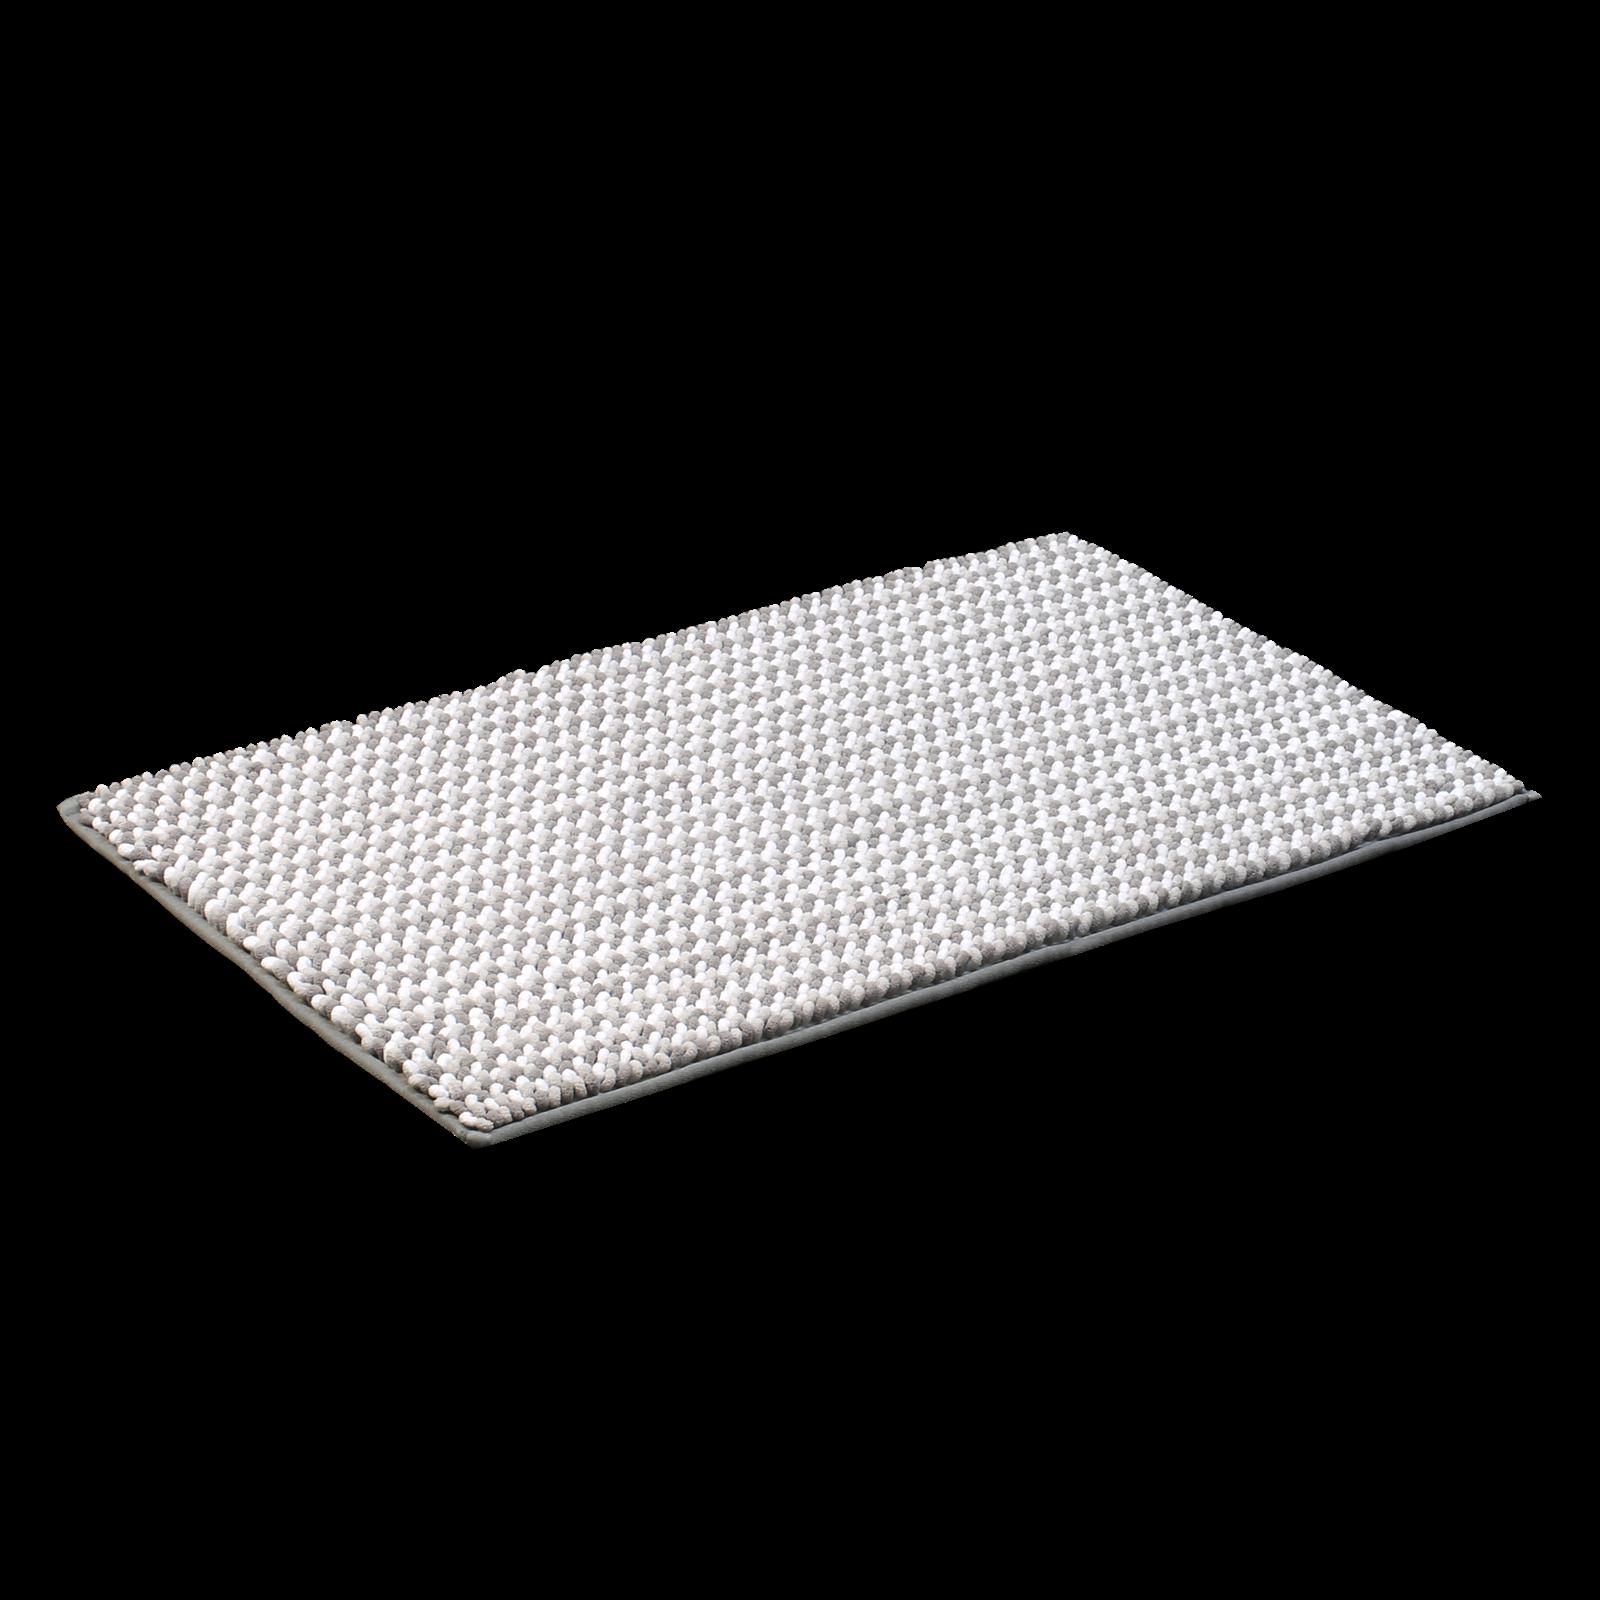 Axton 50 x 80cm Knight Bathmat